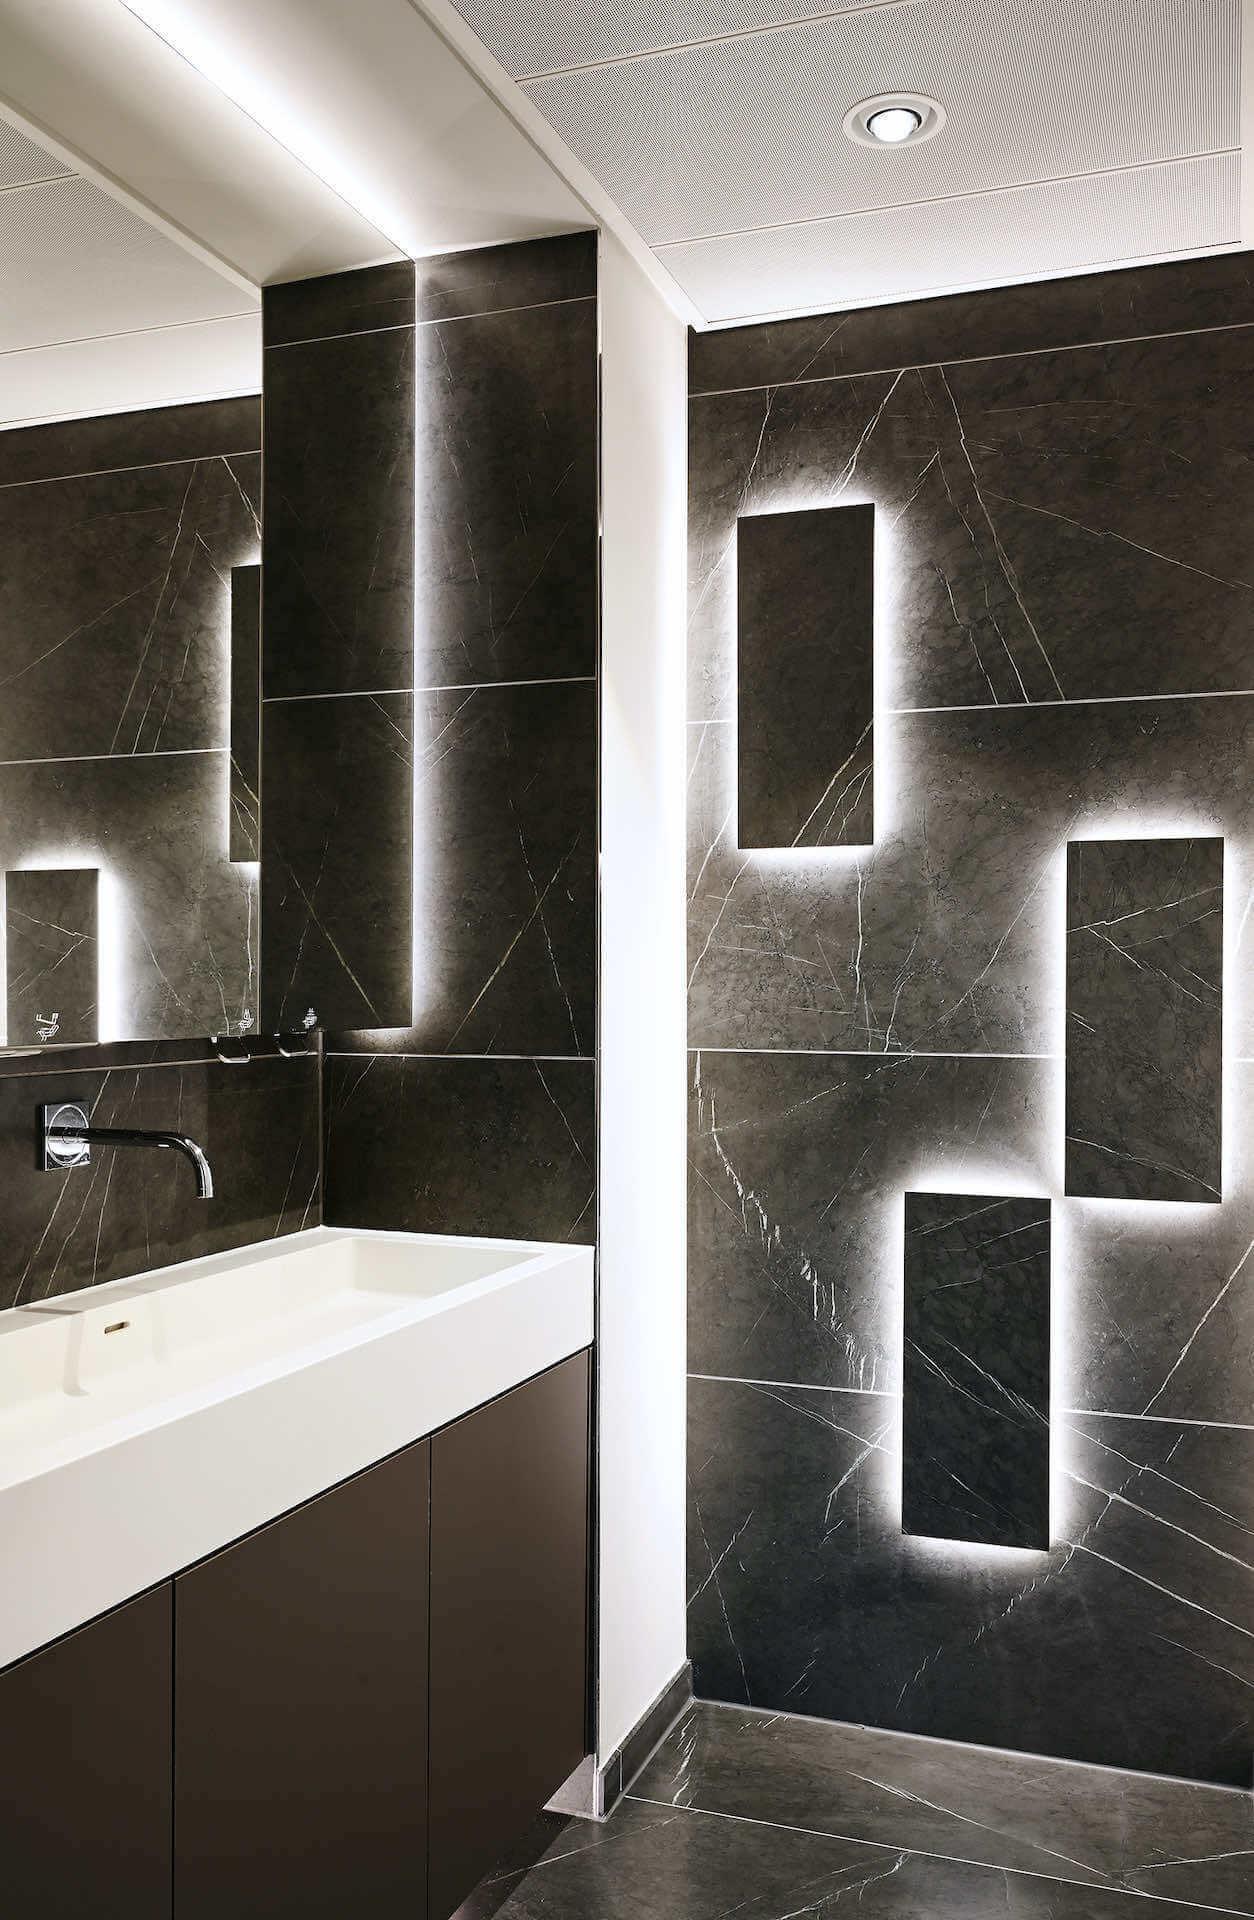 Akzentbeleuchtung und indirekte LED-Beleuchtung im Badezimmer | Leuchten Lukassen